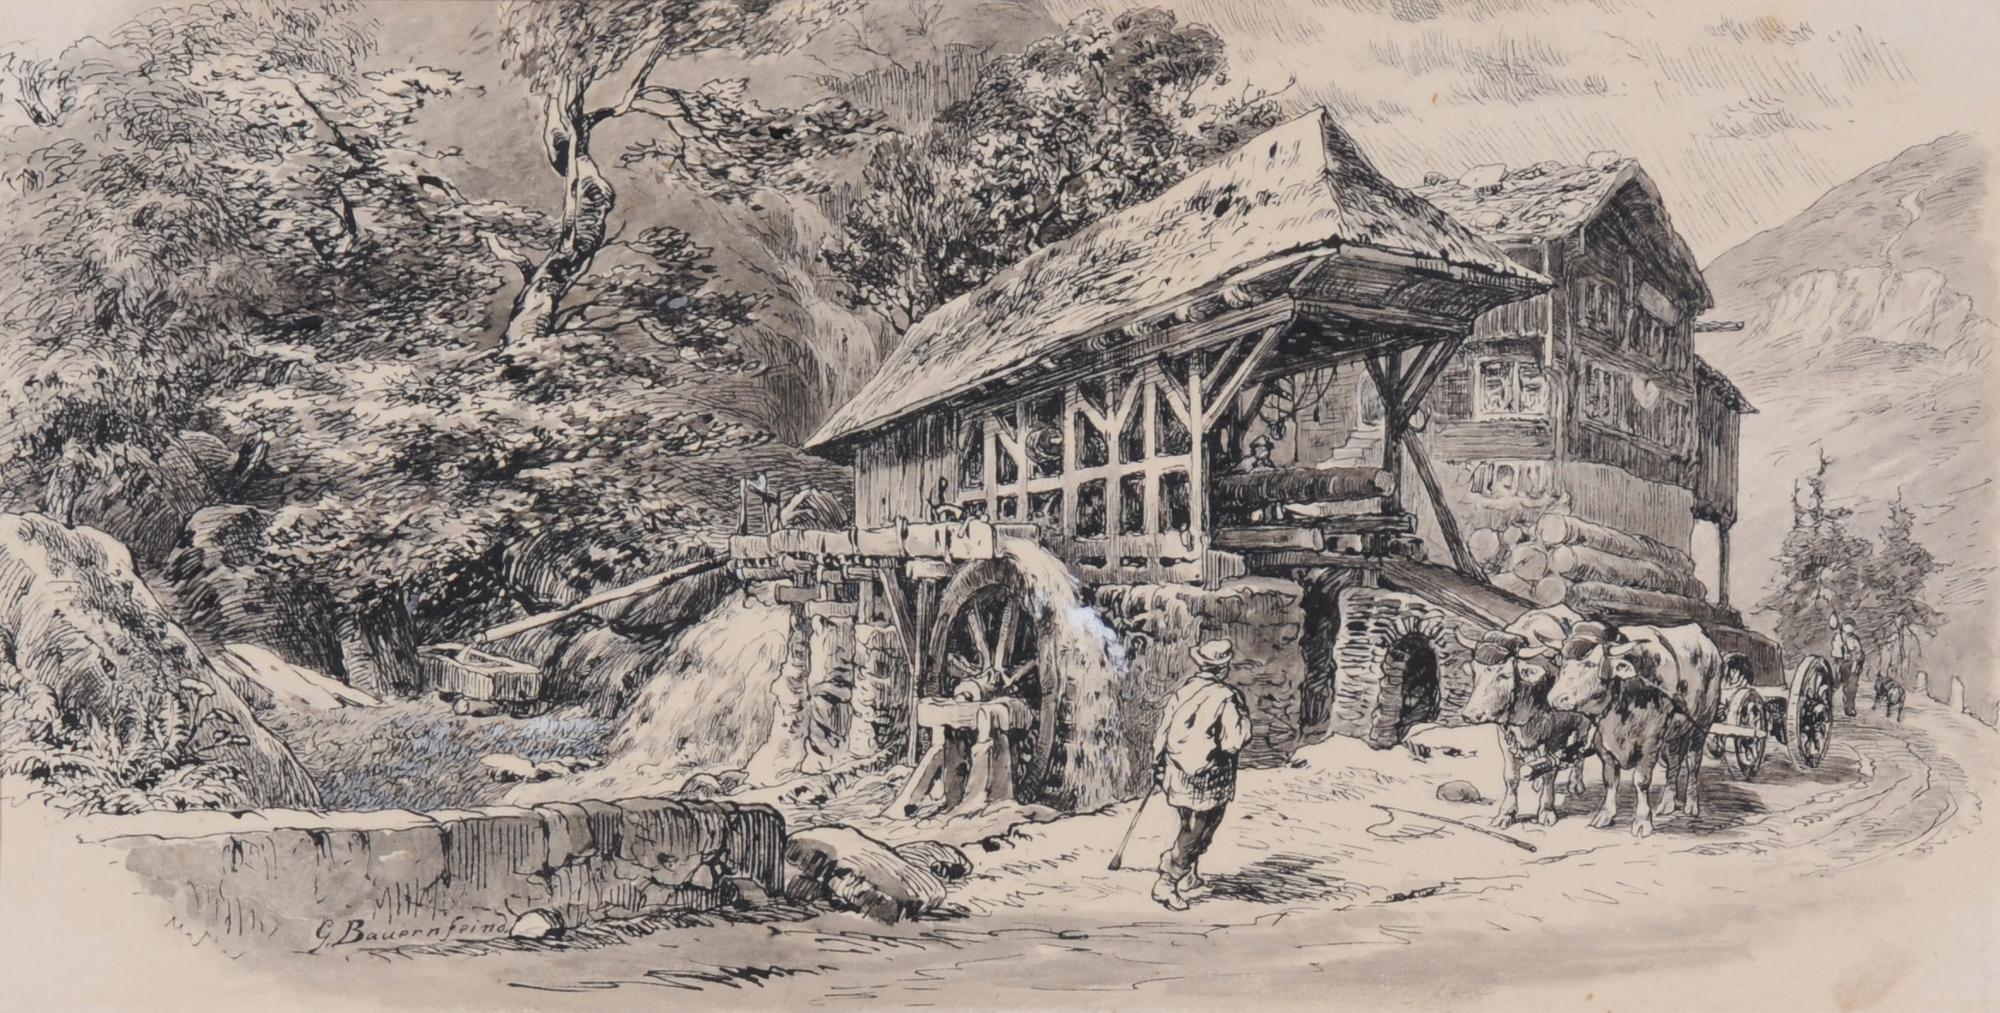 Bauernfeind Gustav, Die Mühle in Inschi